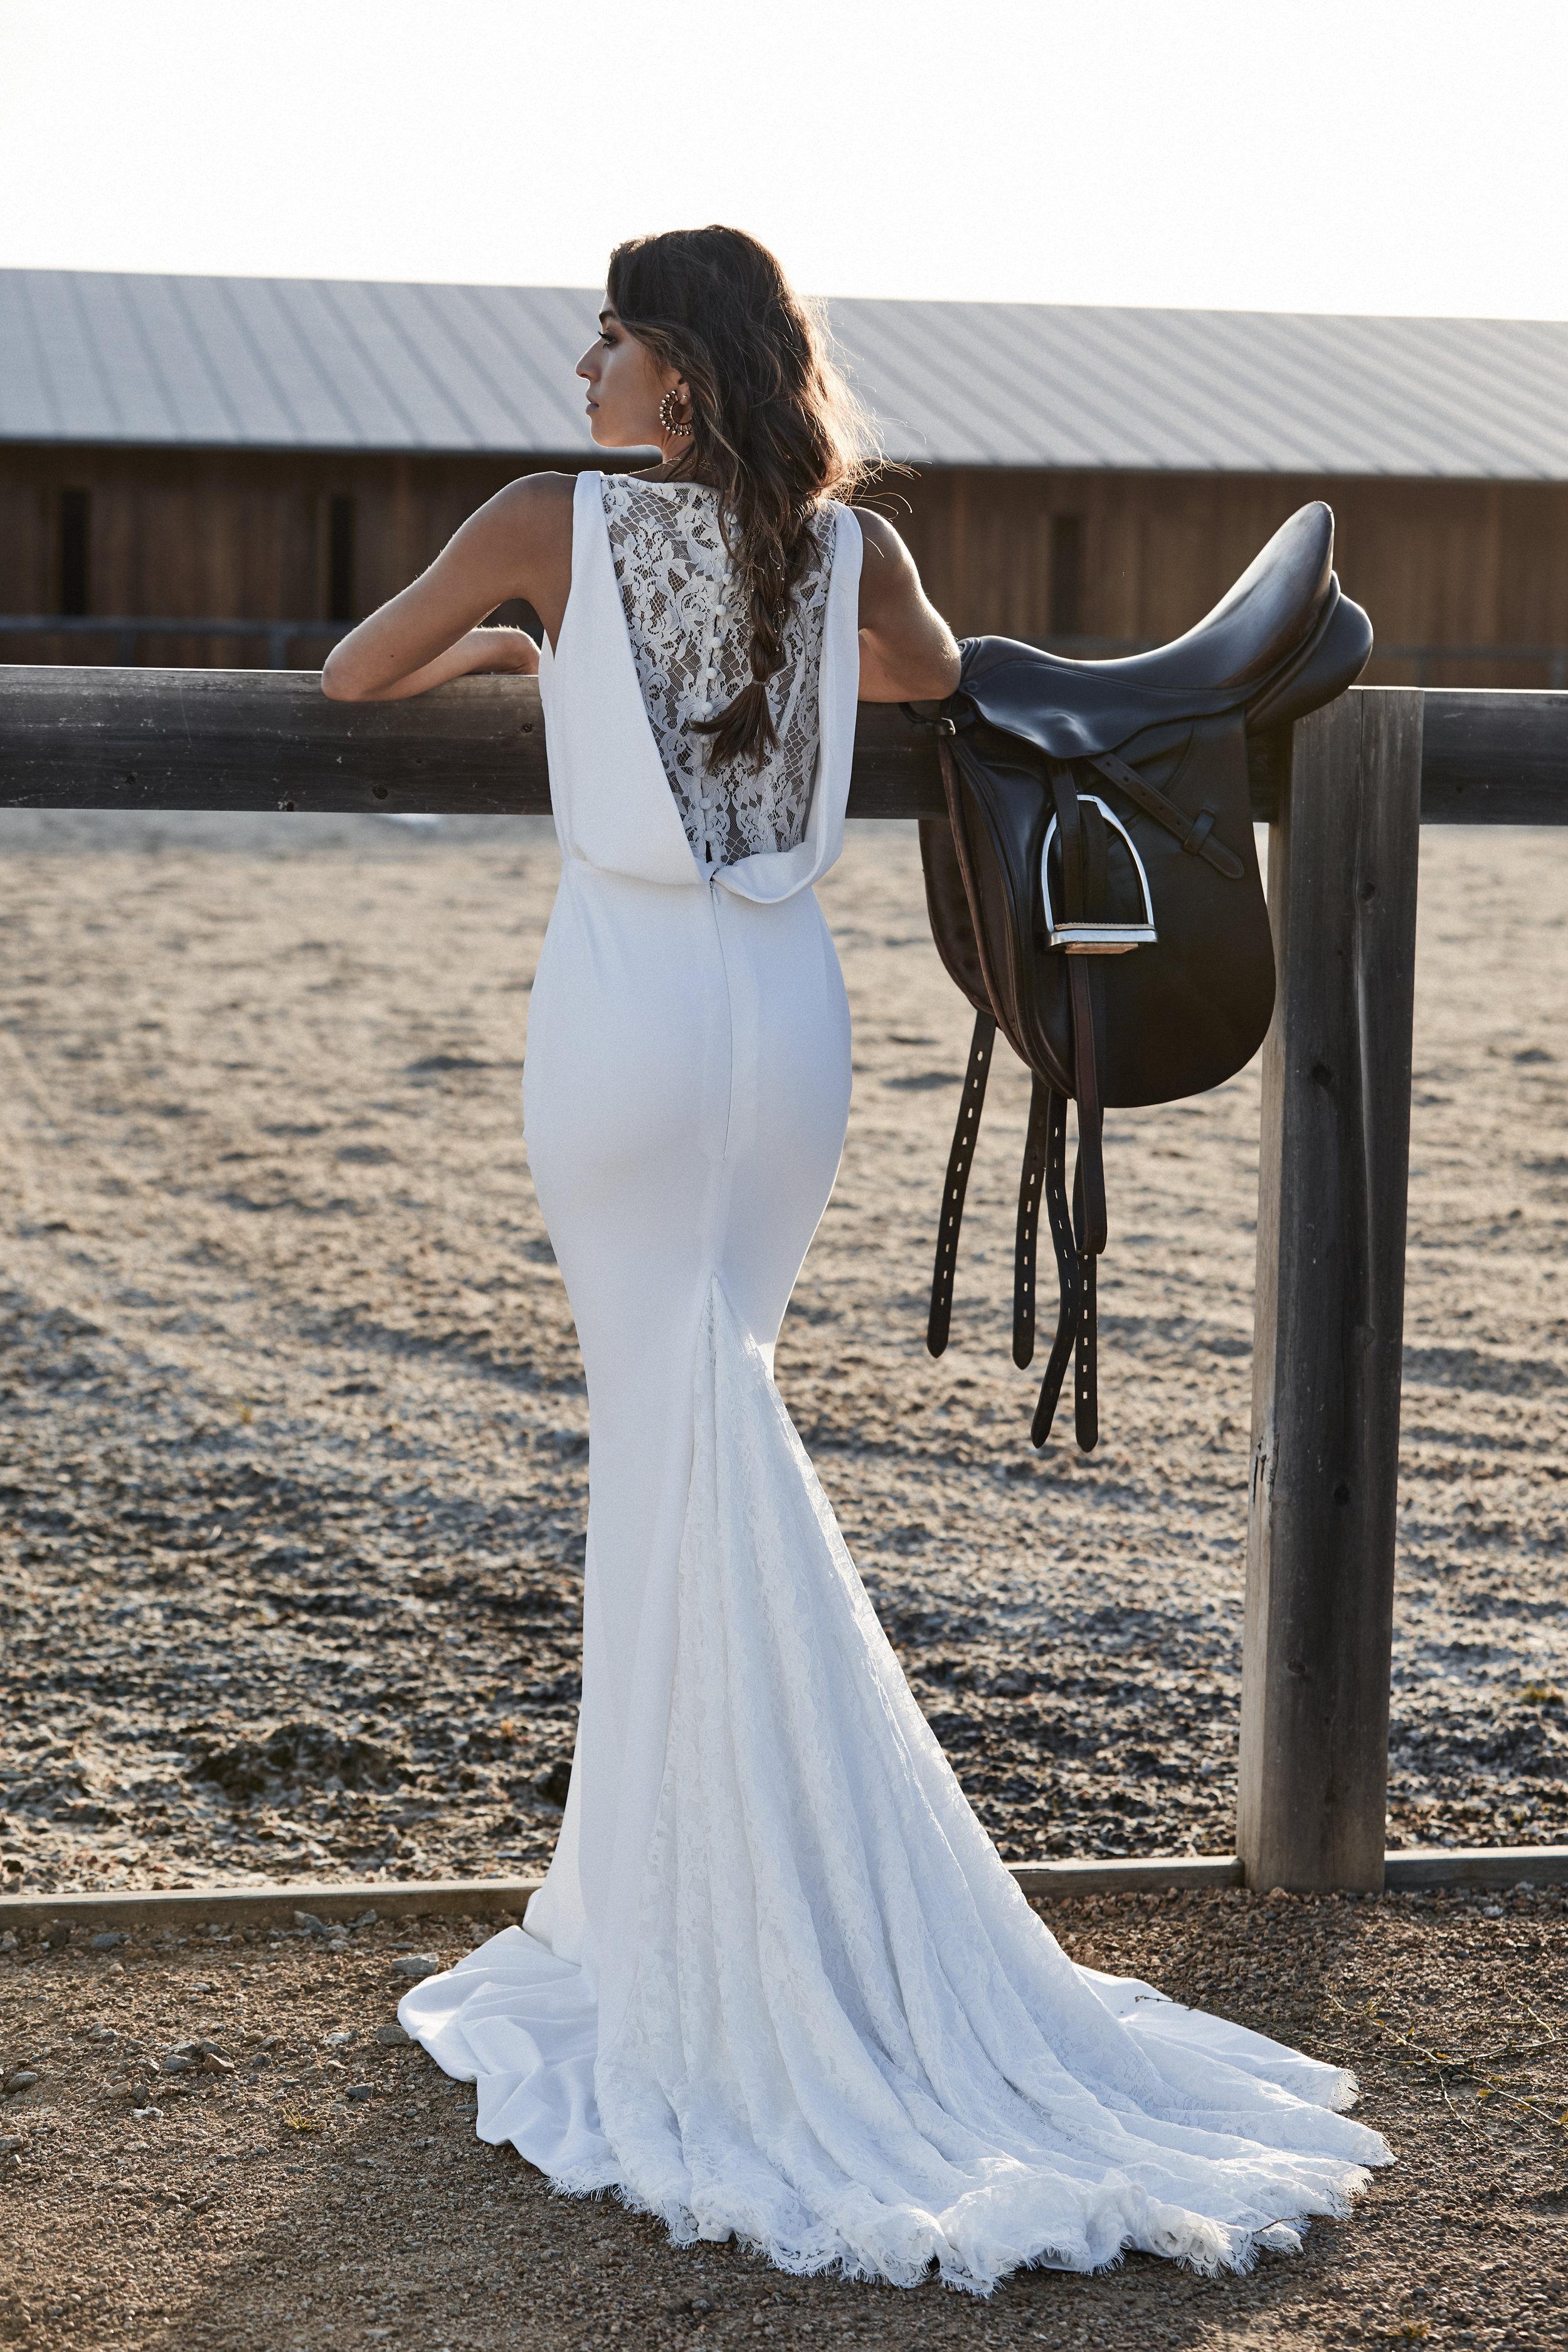 Honor dress